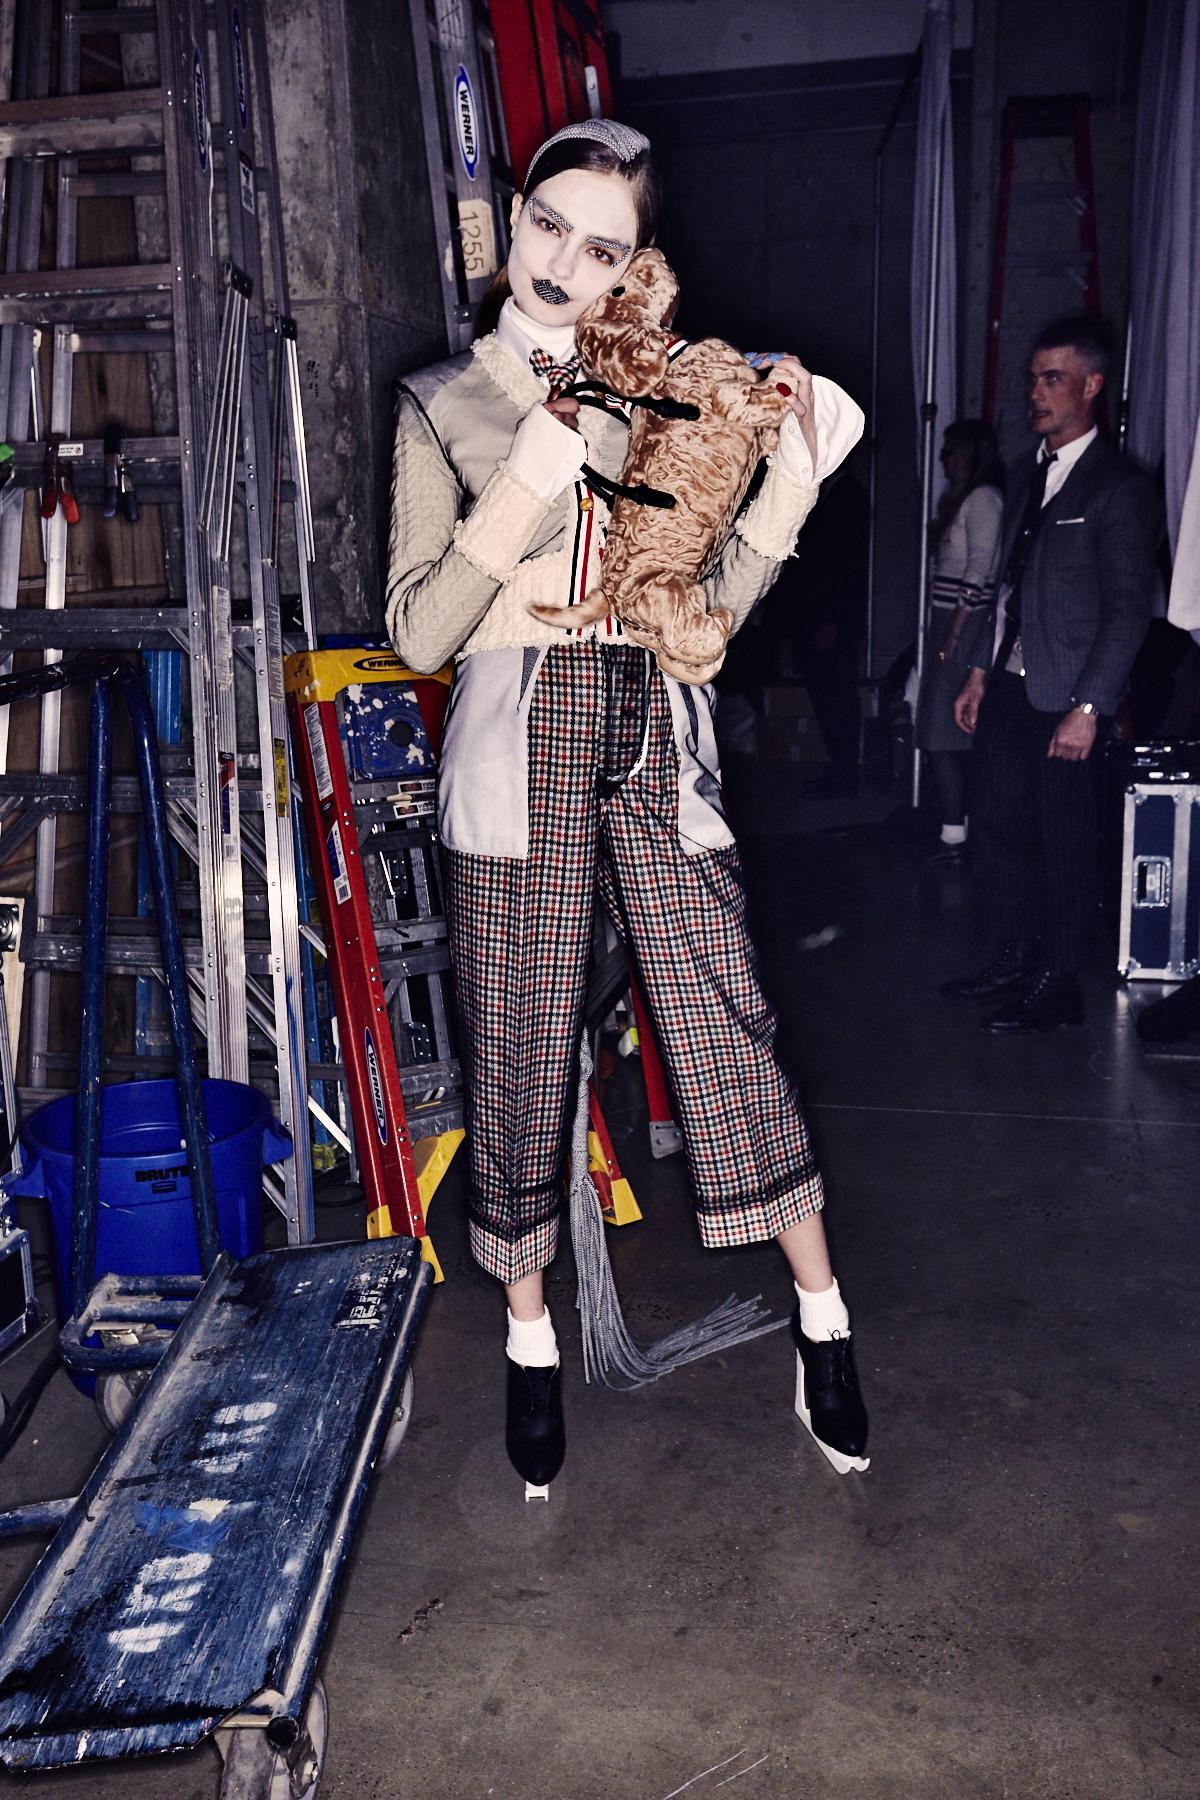 Ein Model im Backstage Bereich der Thom Browne Herbst/Winter 2017 Show trägt ein Outfit mit Karohose und Hemd mit weißem Kragen.